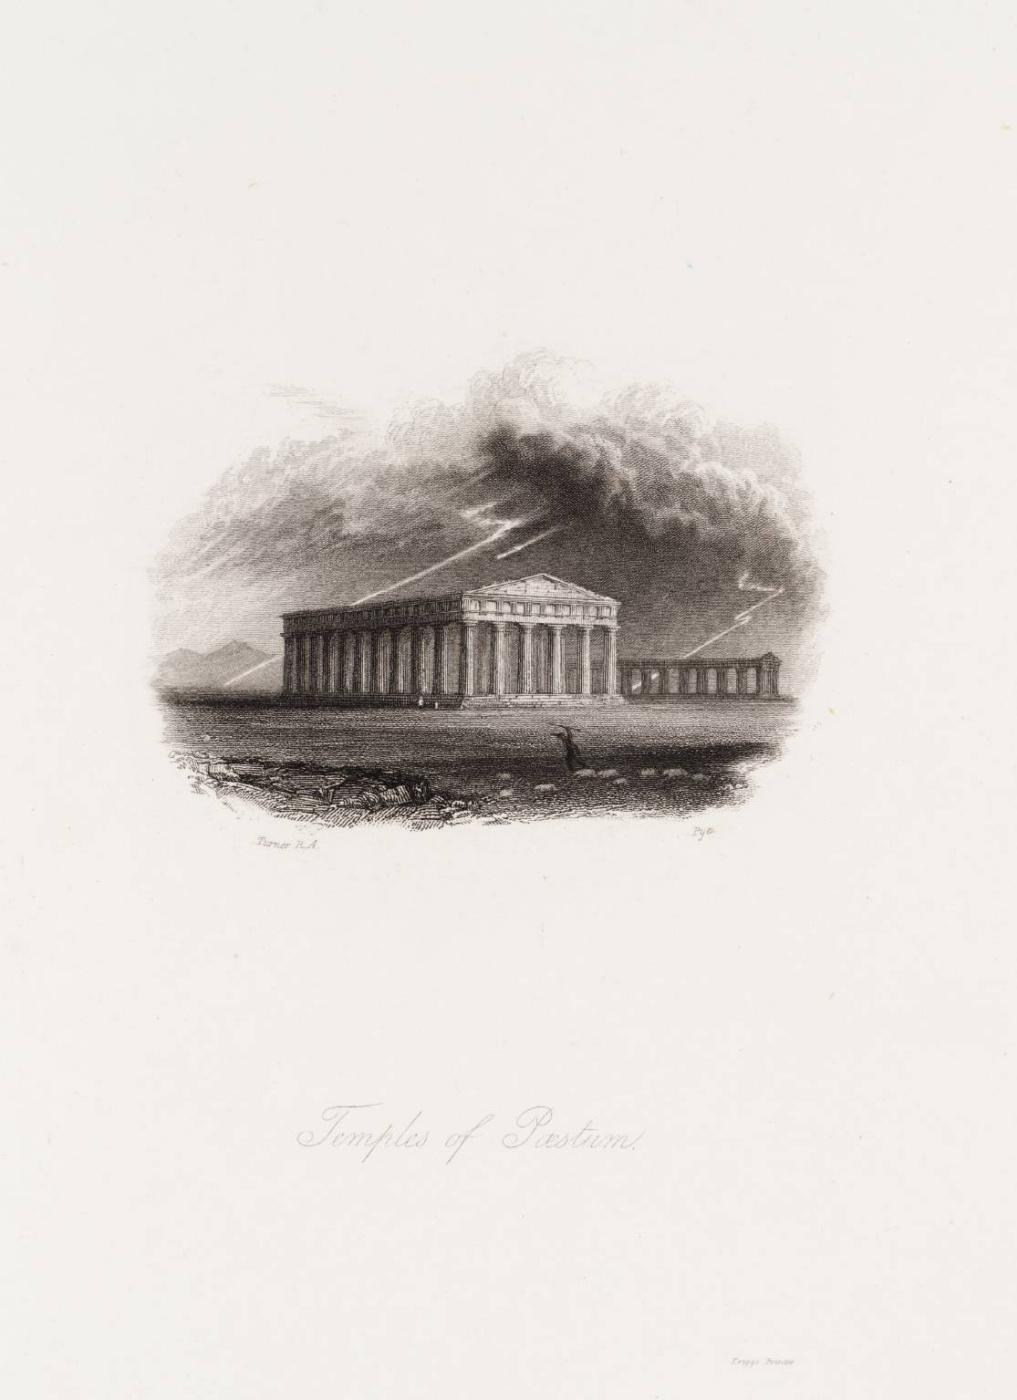 Joseph Mallord William Turner. The Temples Of Paestum